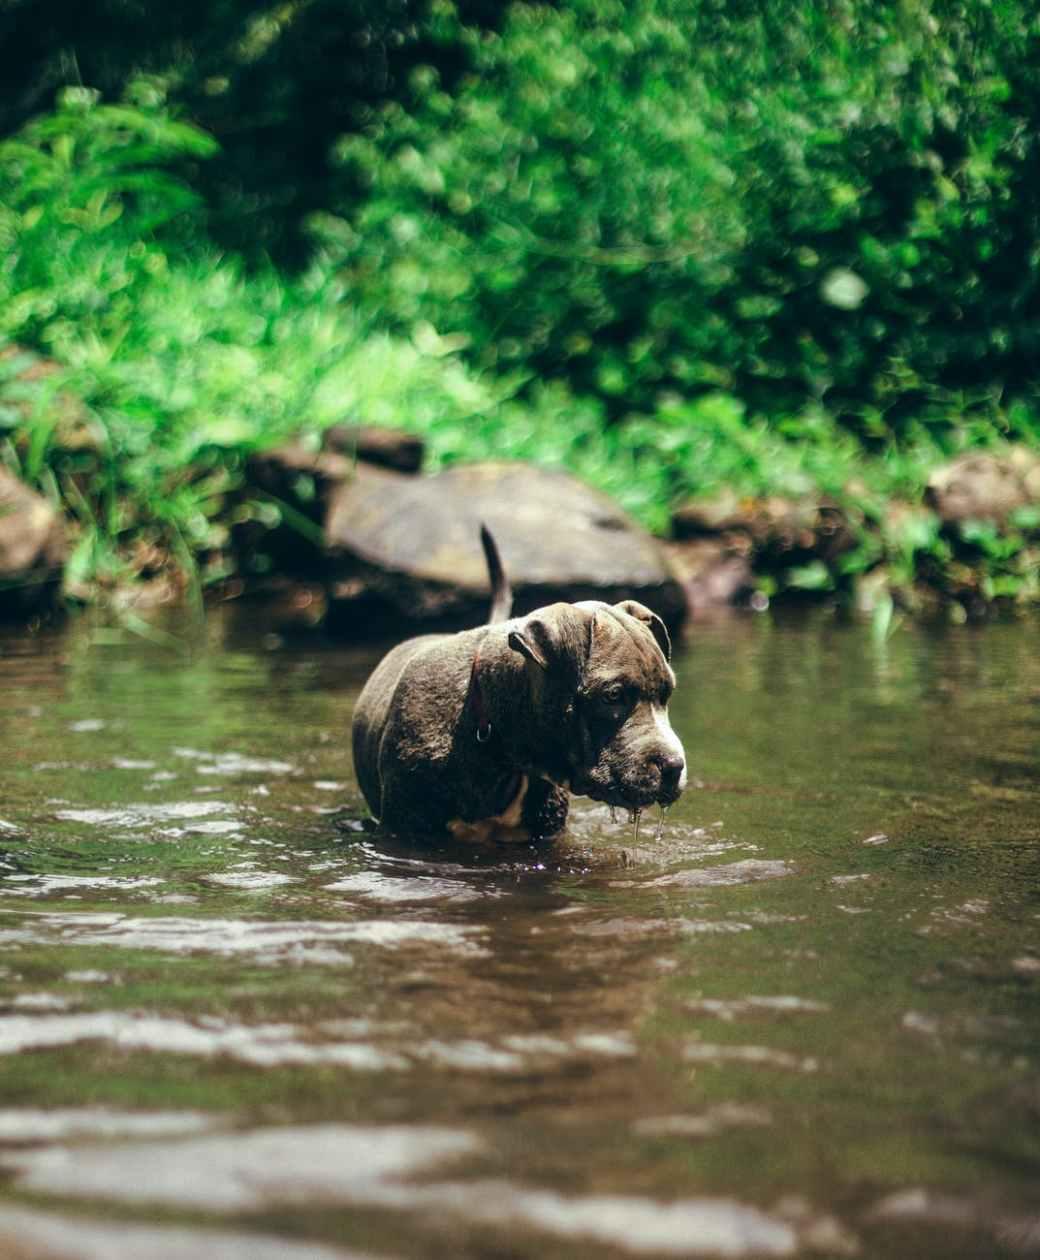 water animal dog pet